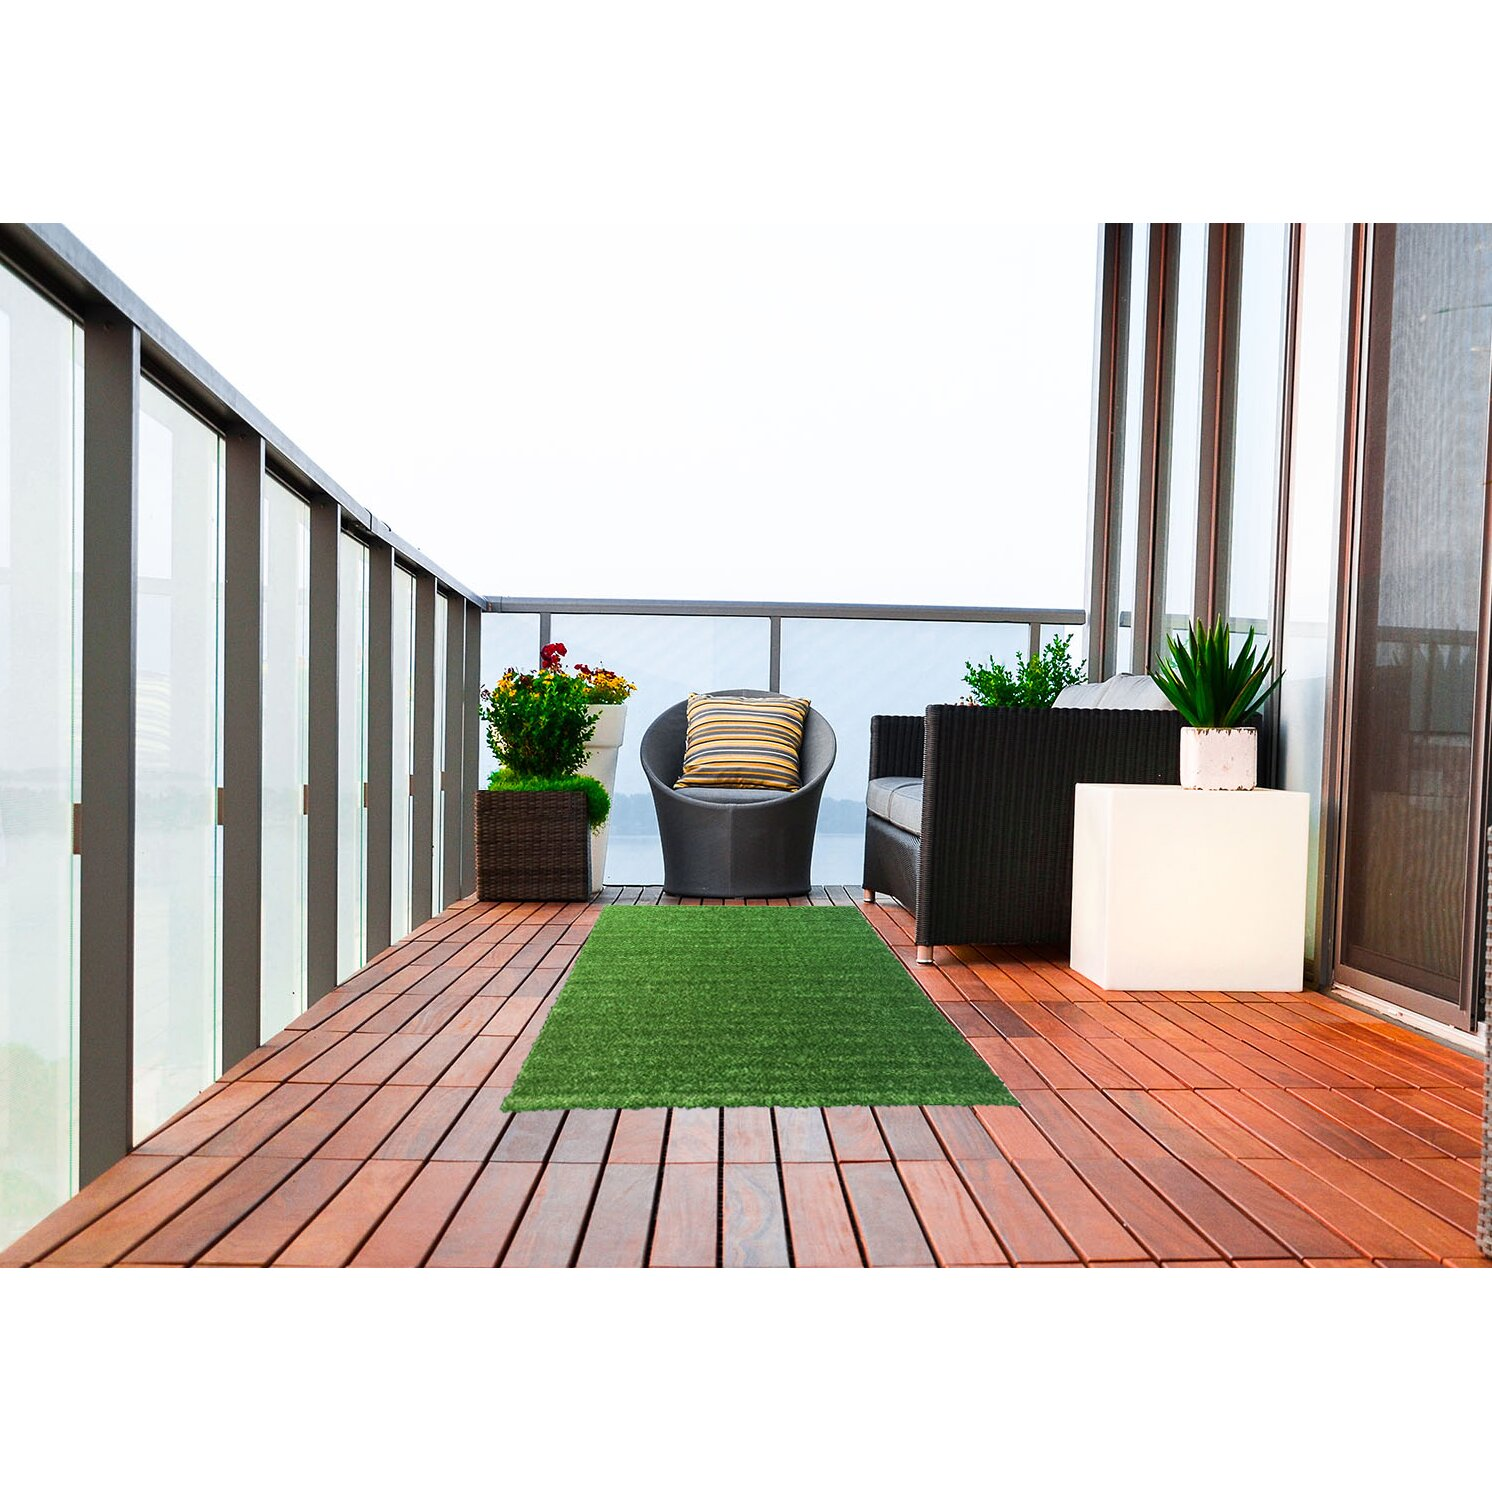 Ottomanson garden grass green indoor outdoor area rug for Landscape indoor area rug